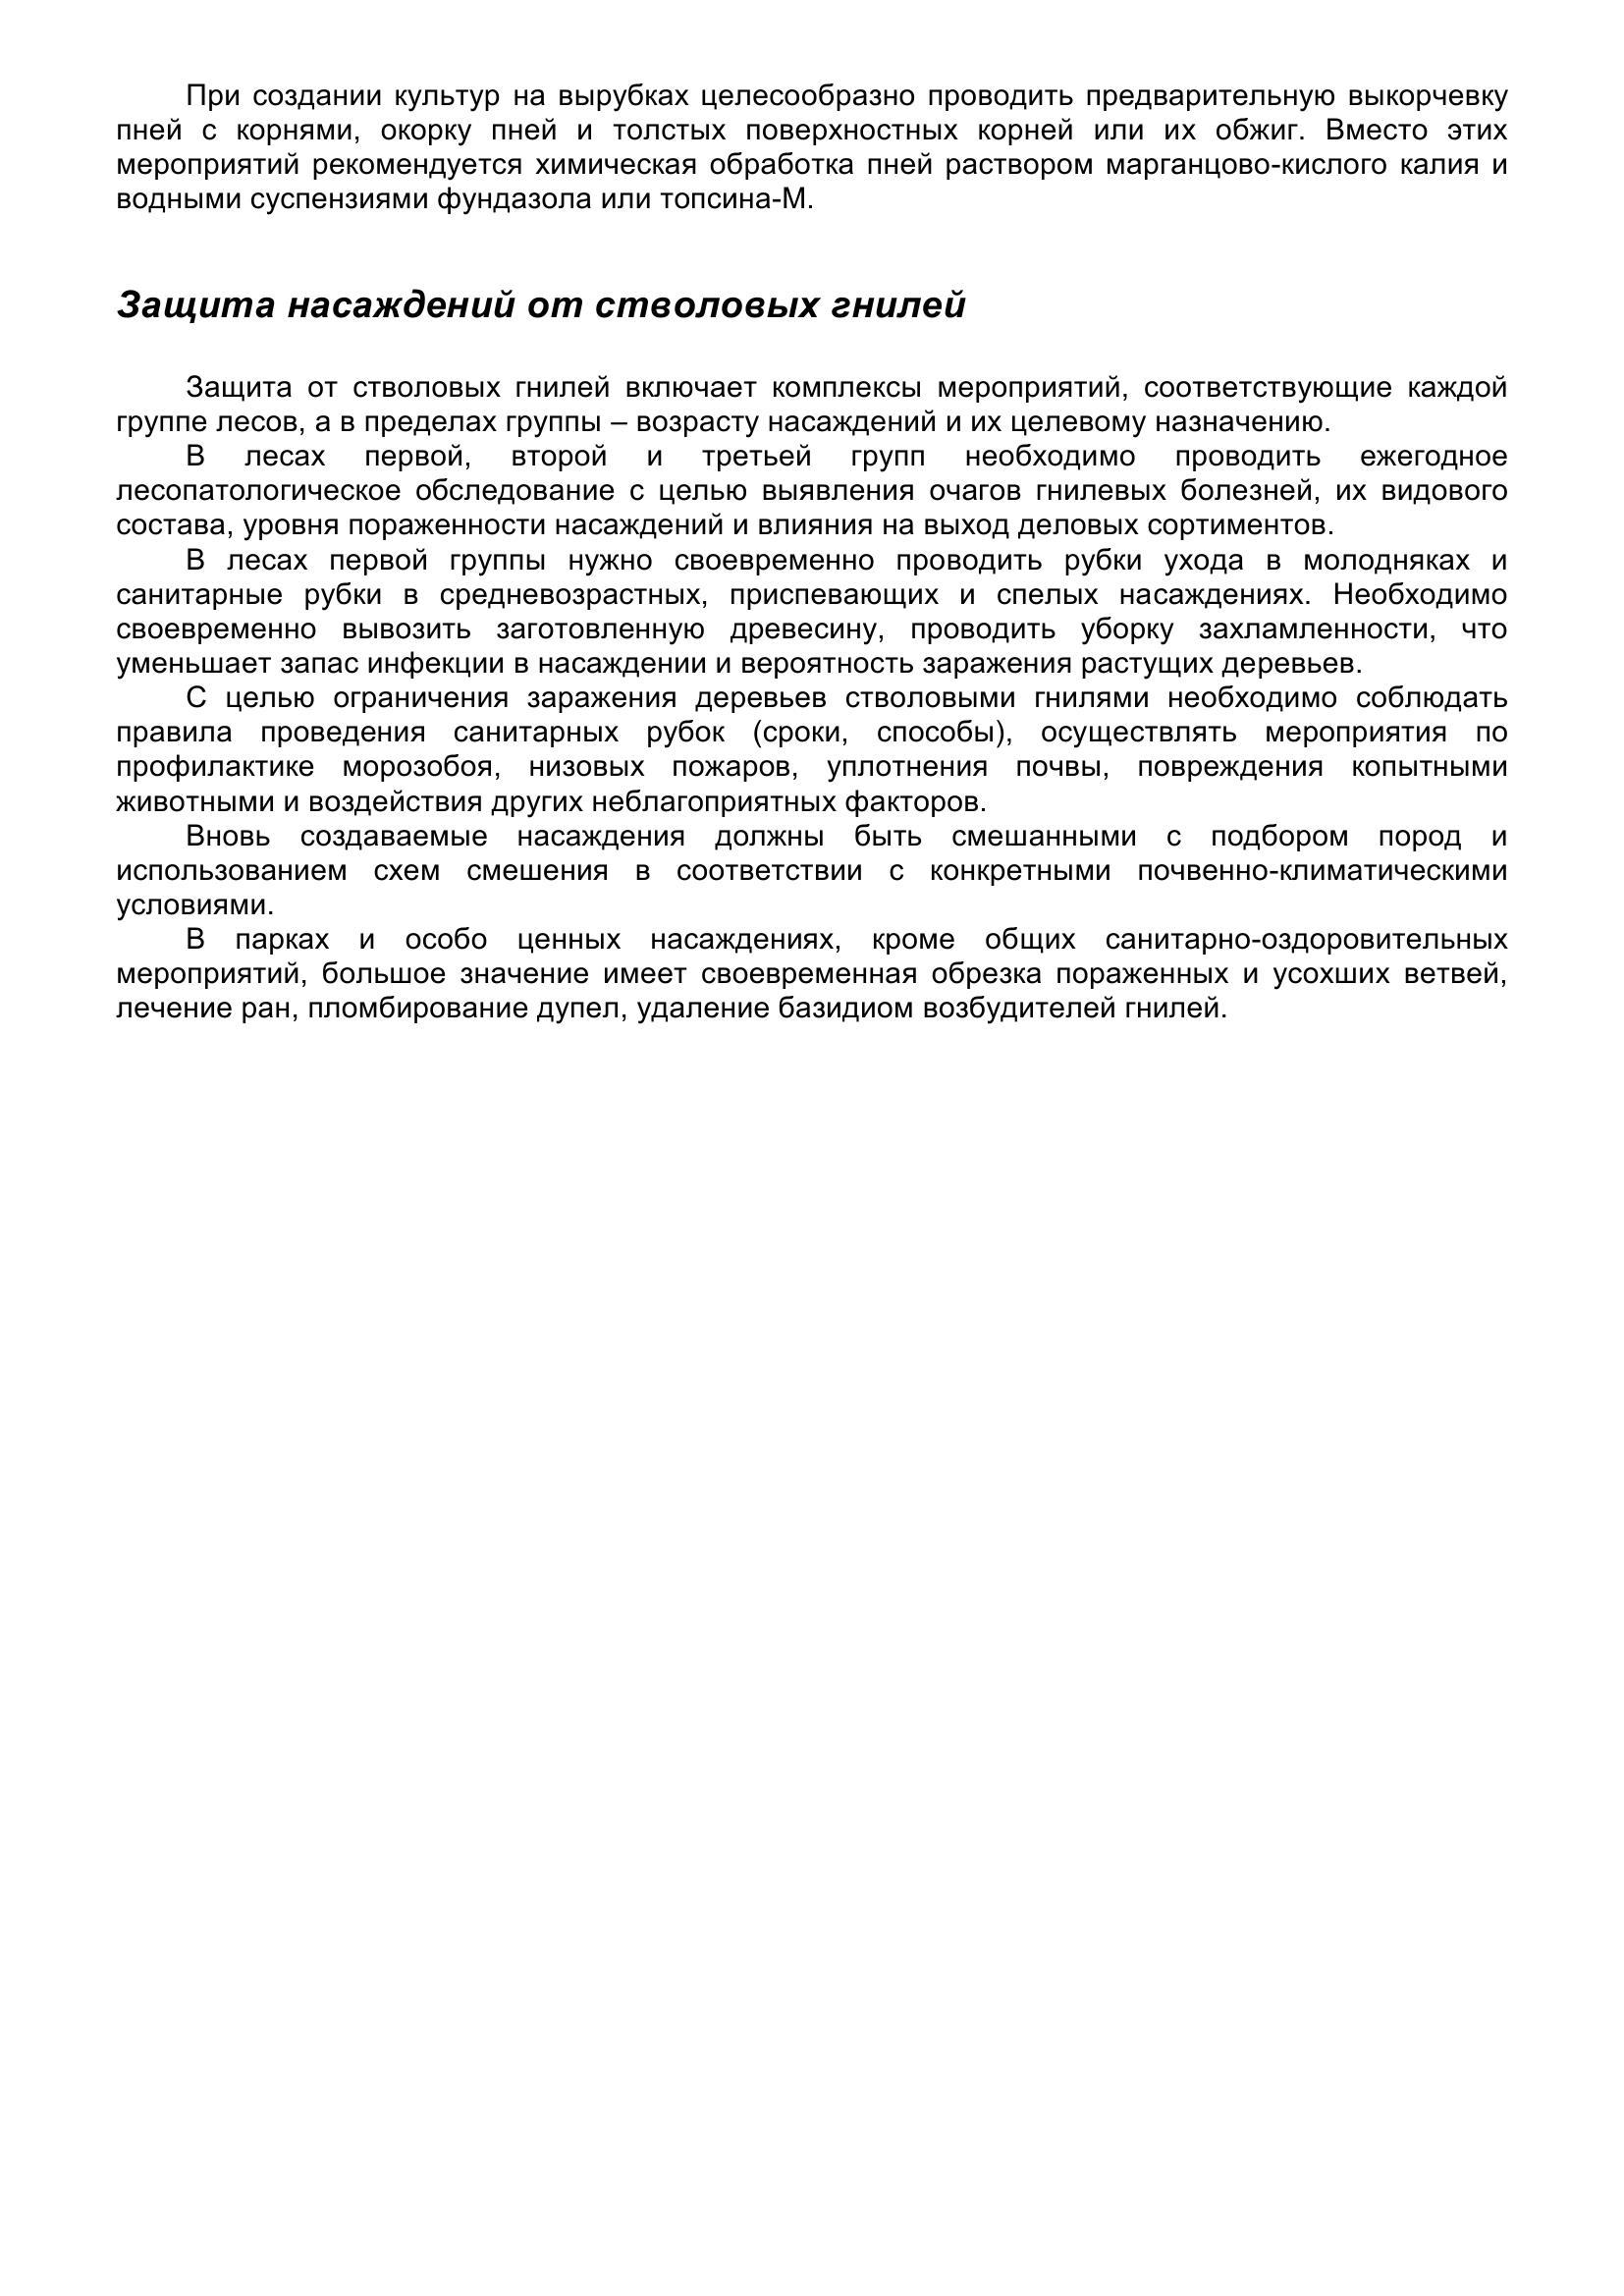 Болезни_древесных_растений_108.jpg